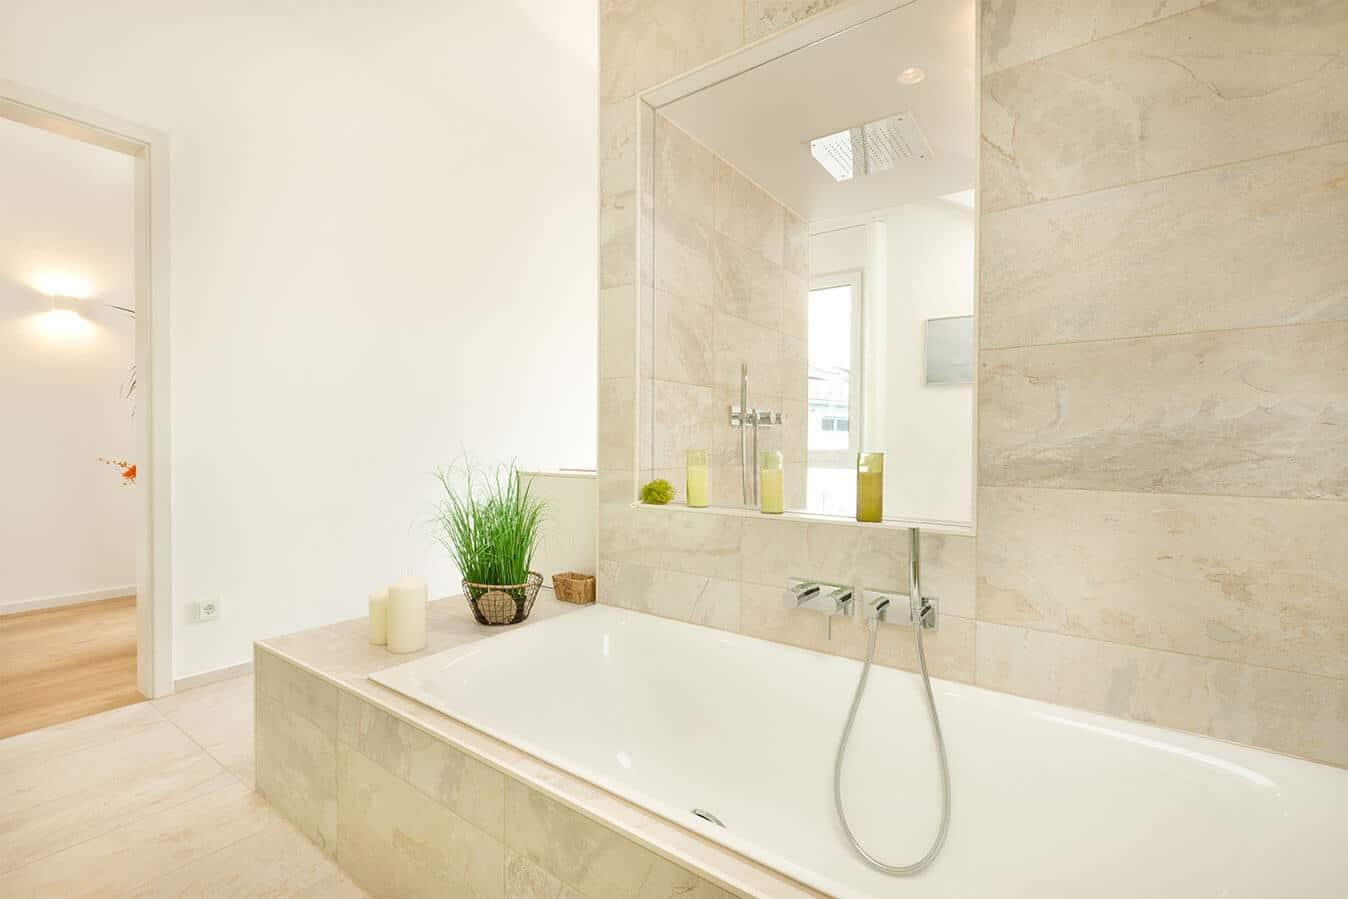 Musterhaus Günzburg - Festverglasung zwischen Dusche und Badewanne